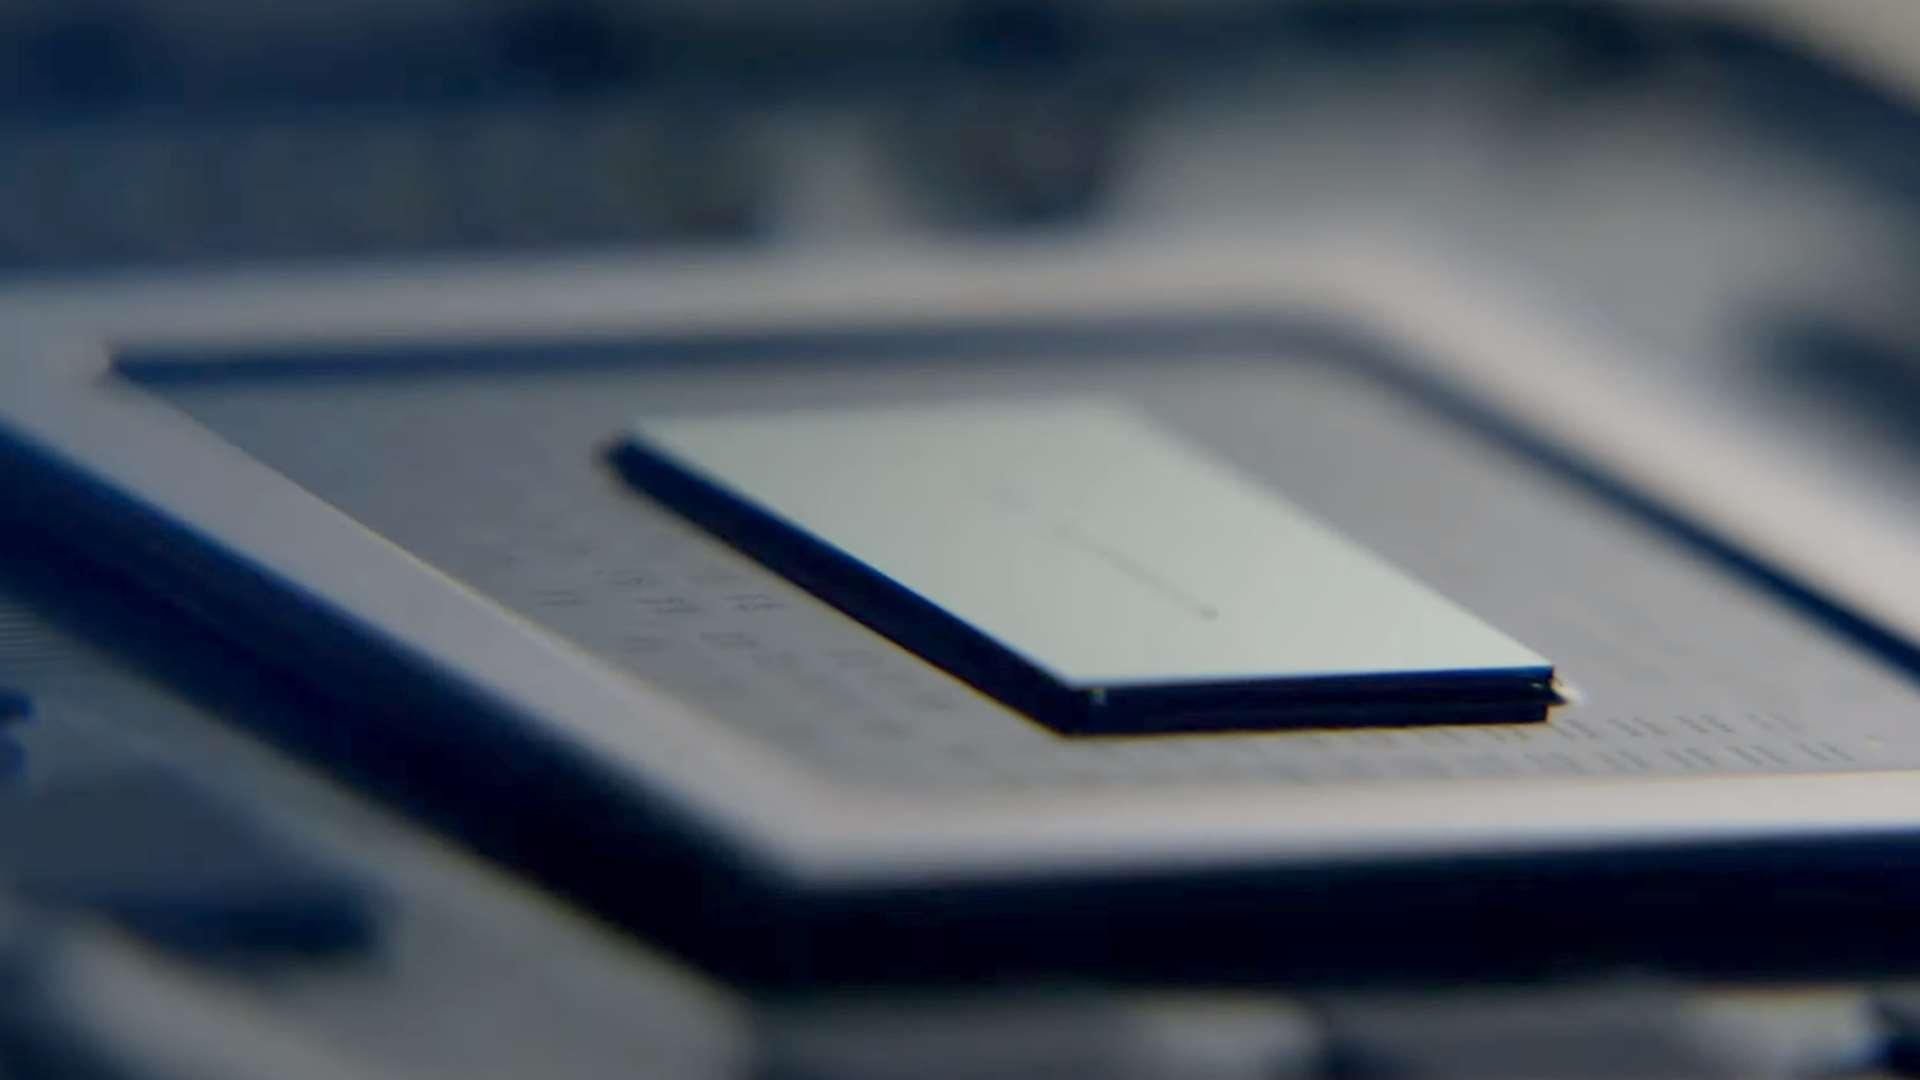 La Xbox Scarlett de Microsoft sera équipée d'une puce Zen 2 de AMD, tout comme la PS5 de Sony